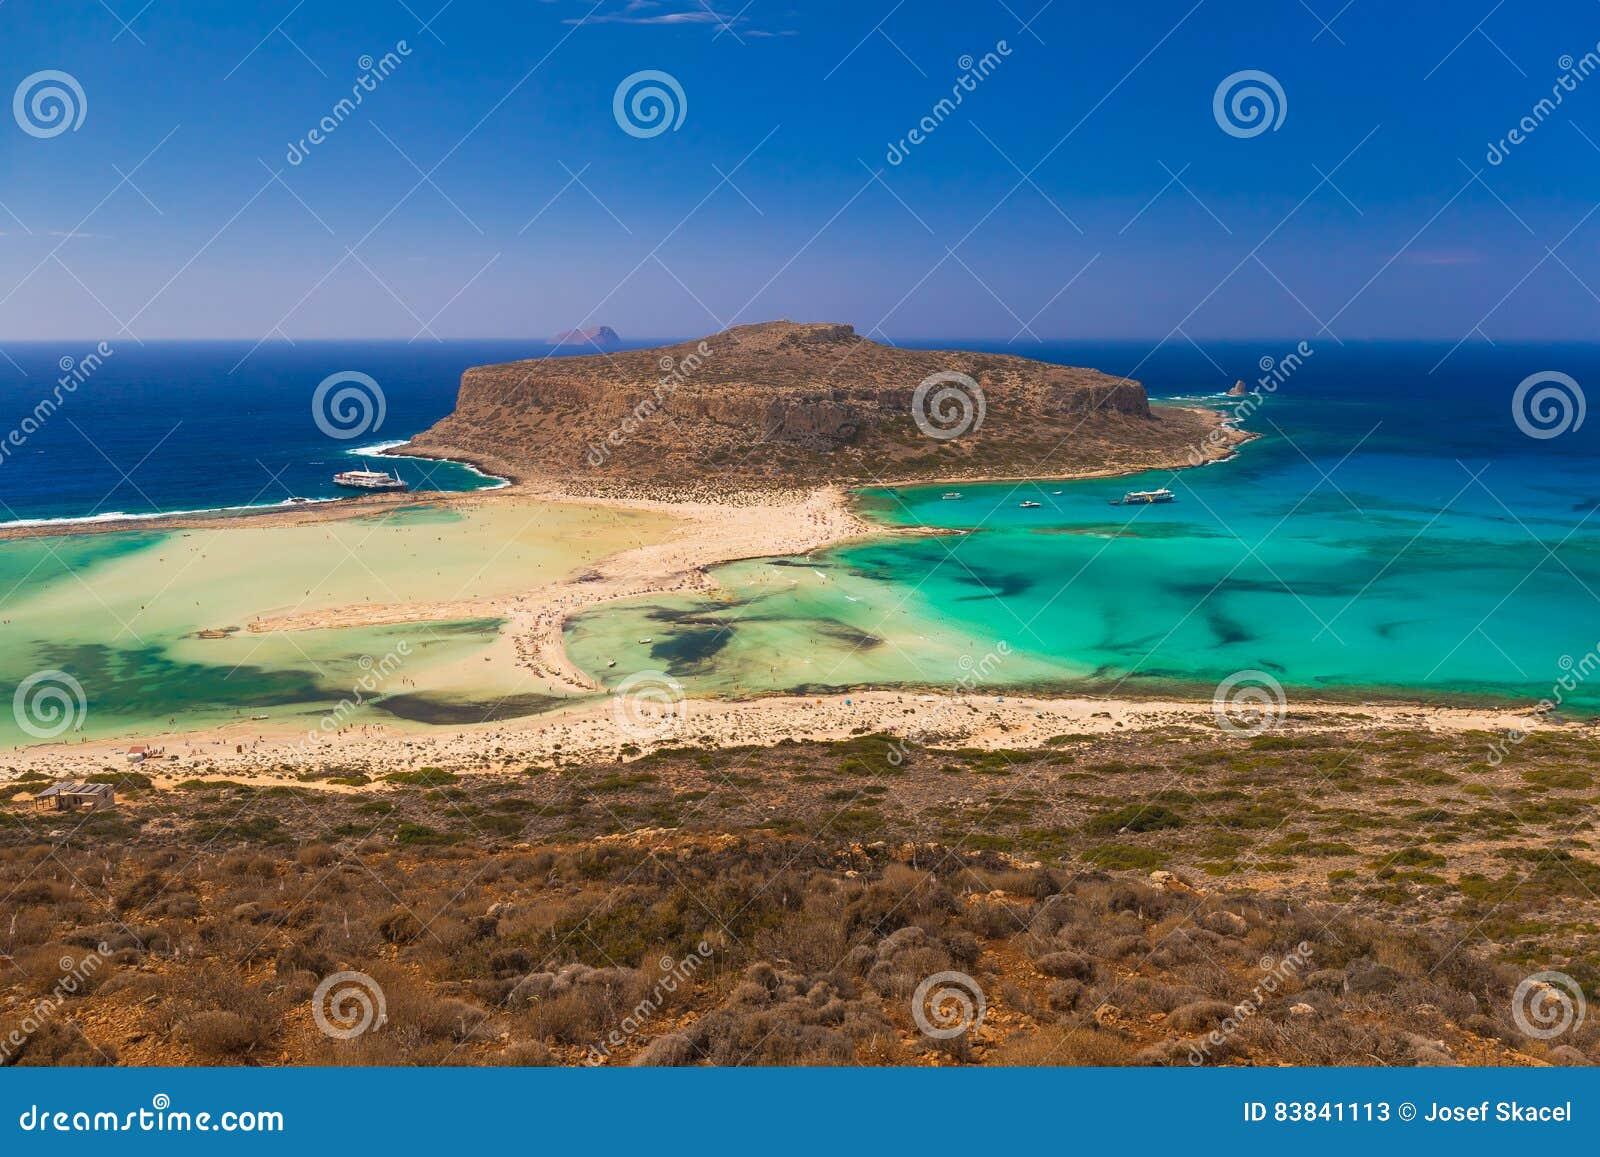 Spiaggia di Balos e laguna, prefettura di Chania, Creta ad ovest, Grecia